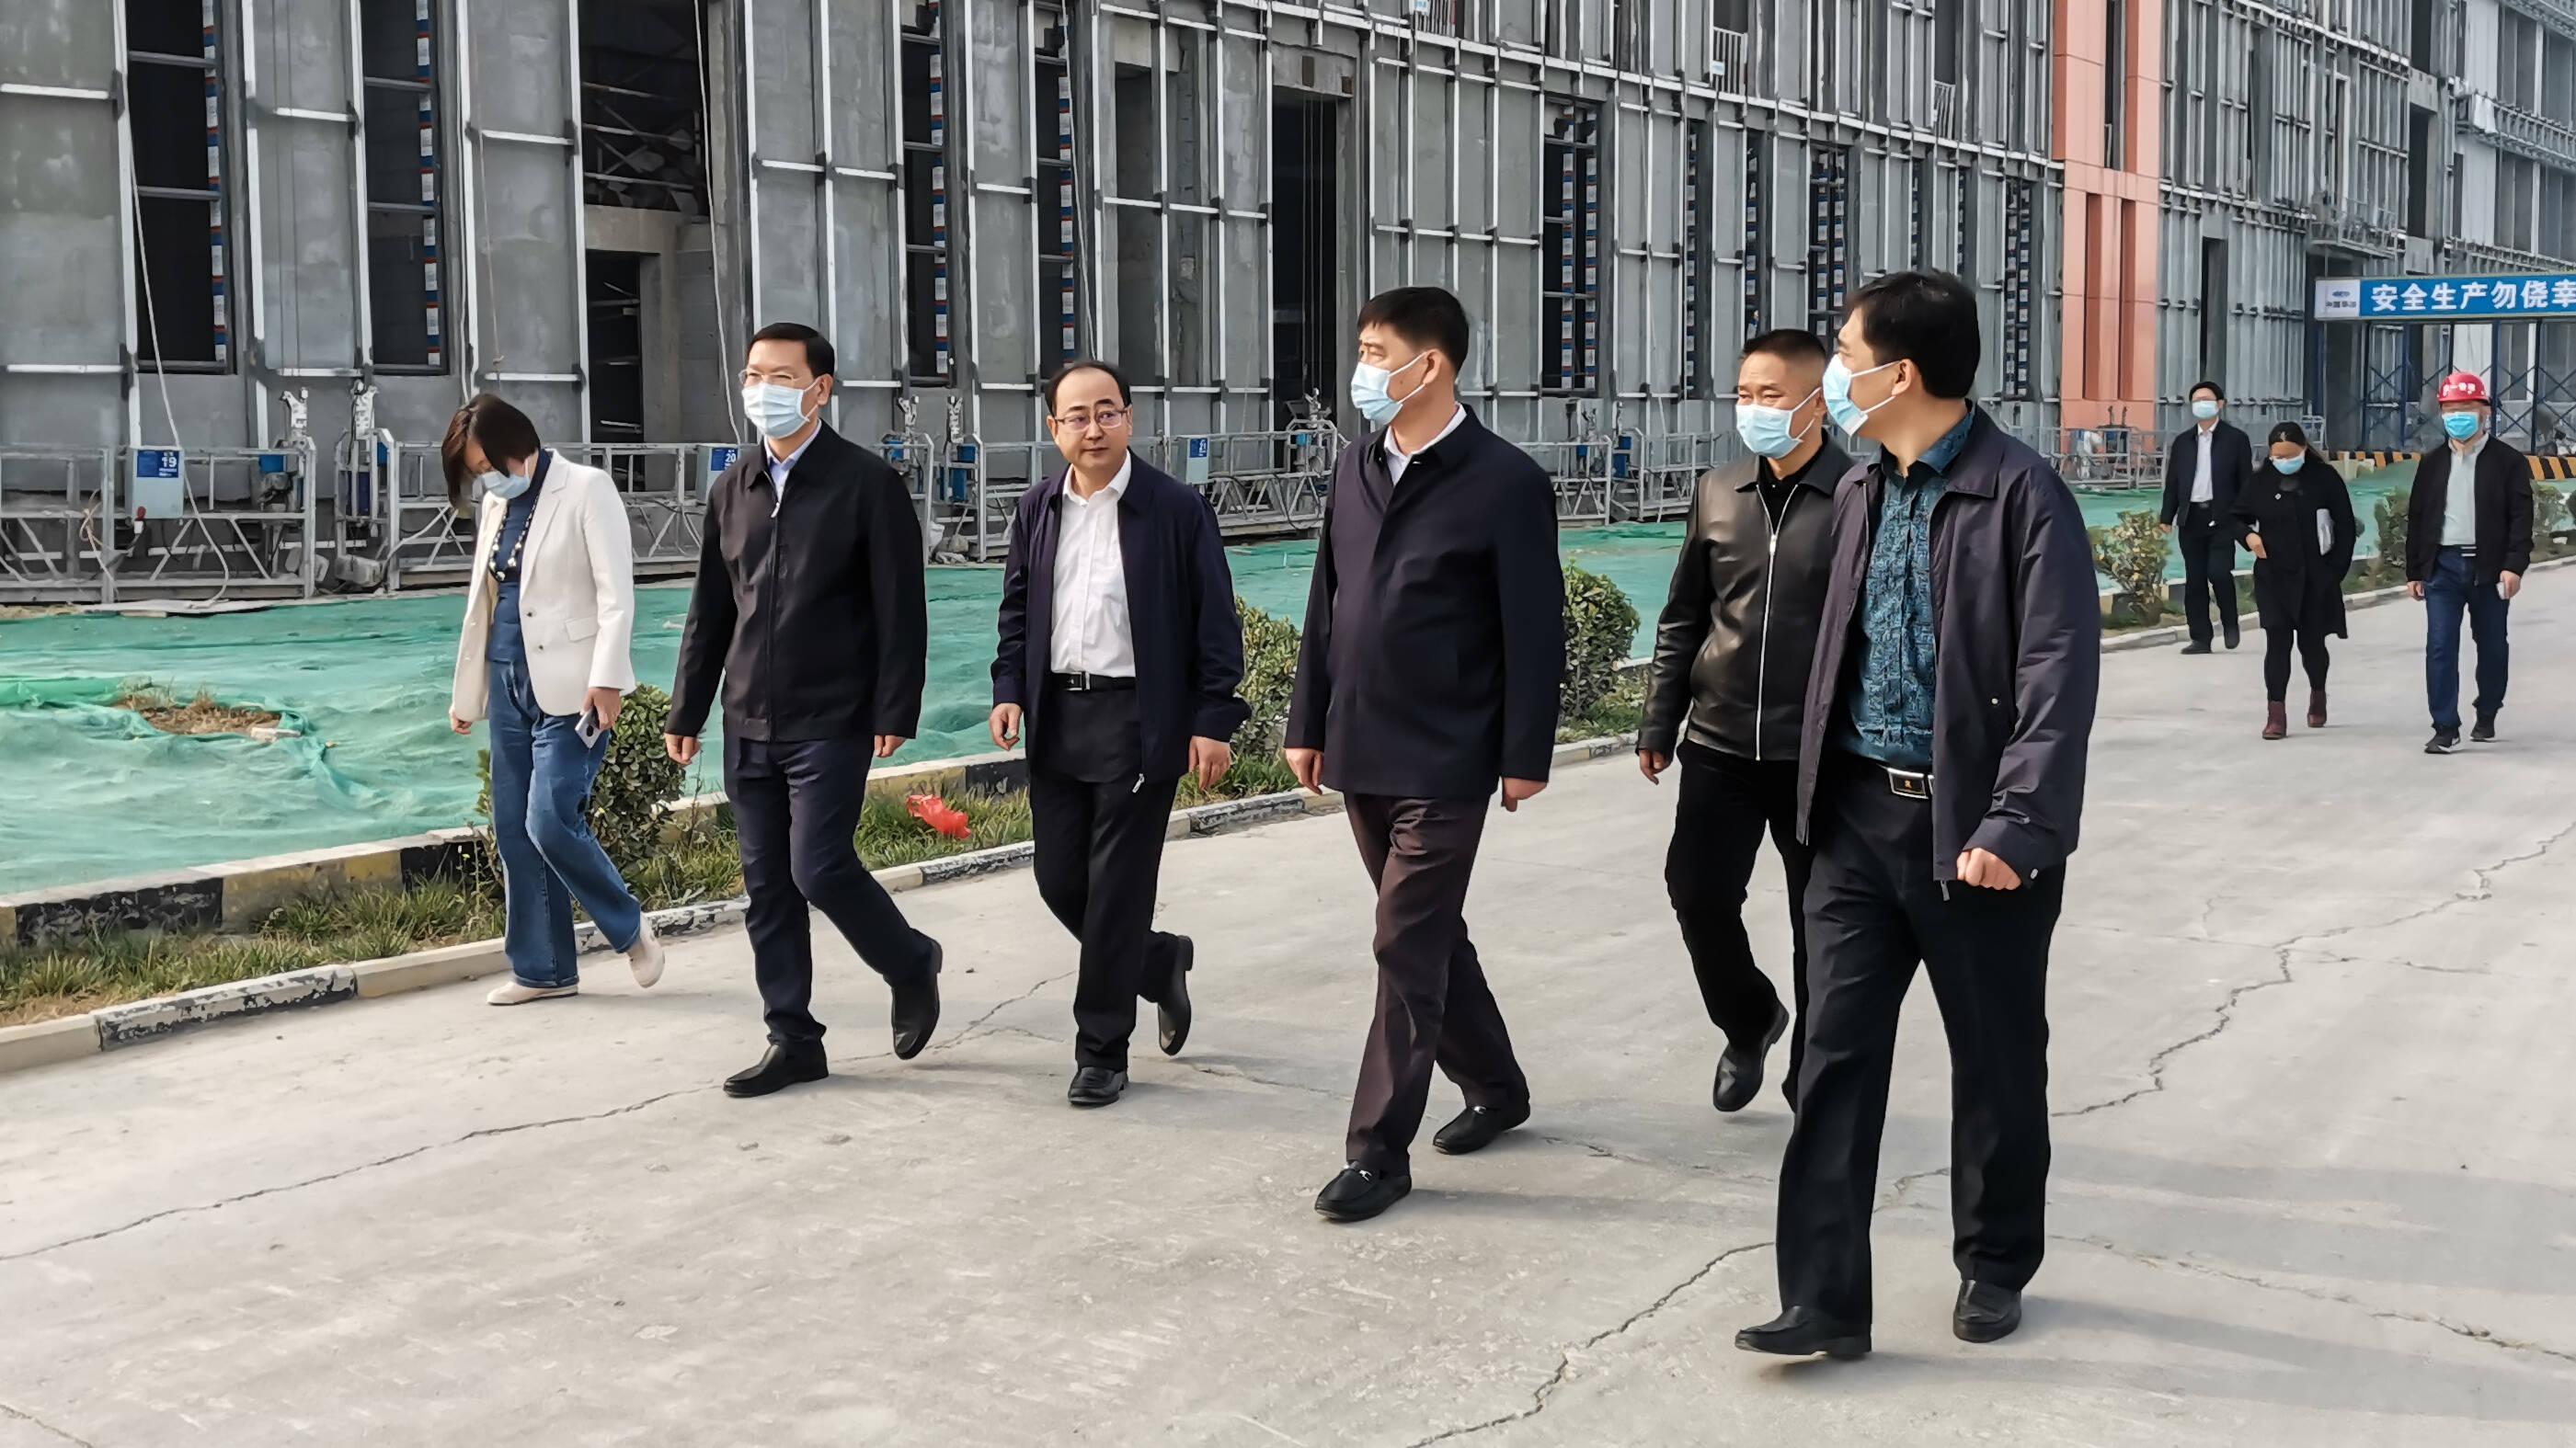 问政追踪   潍坊市公共卫生临床中心计划今冬明春开工 2022年完工